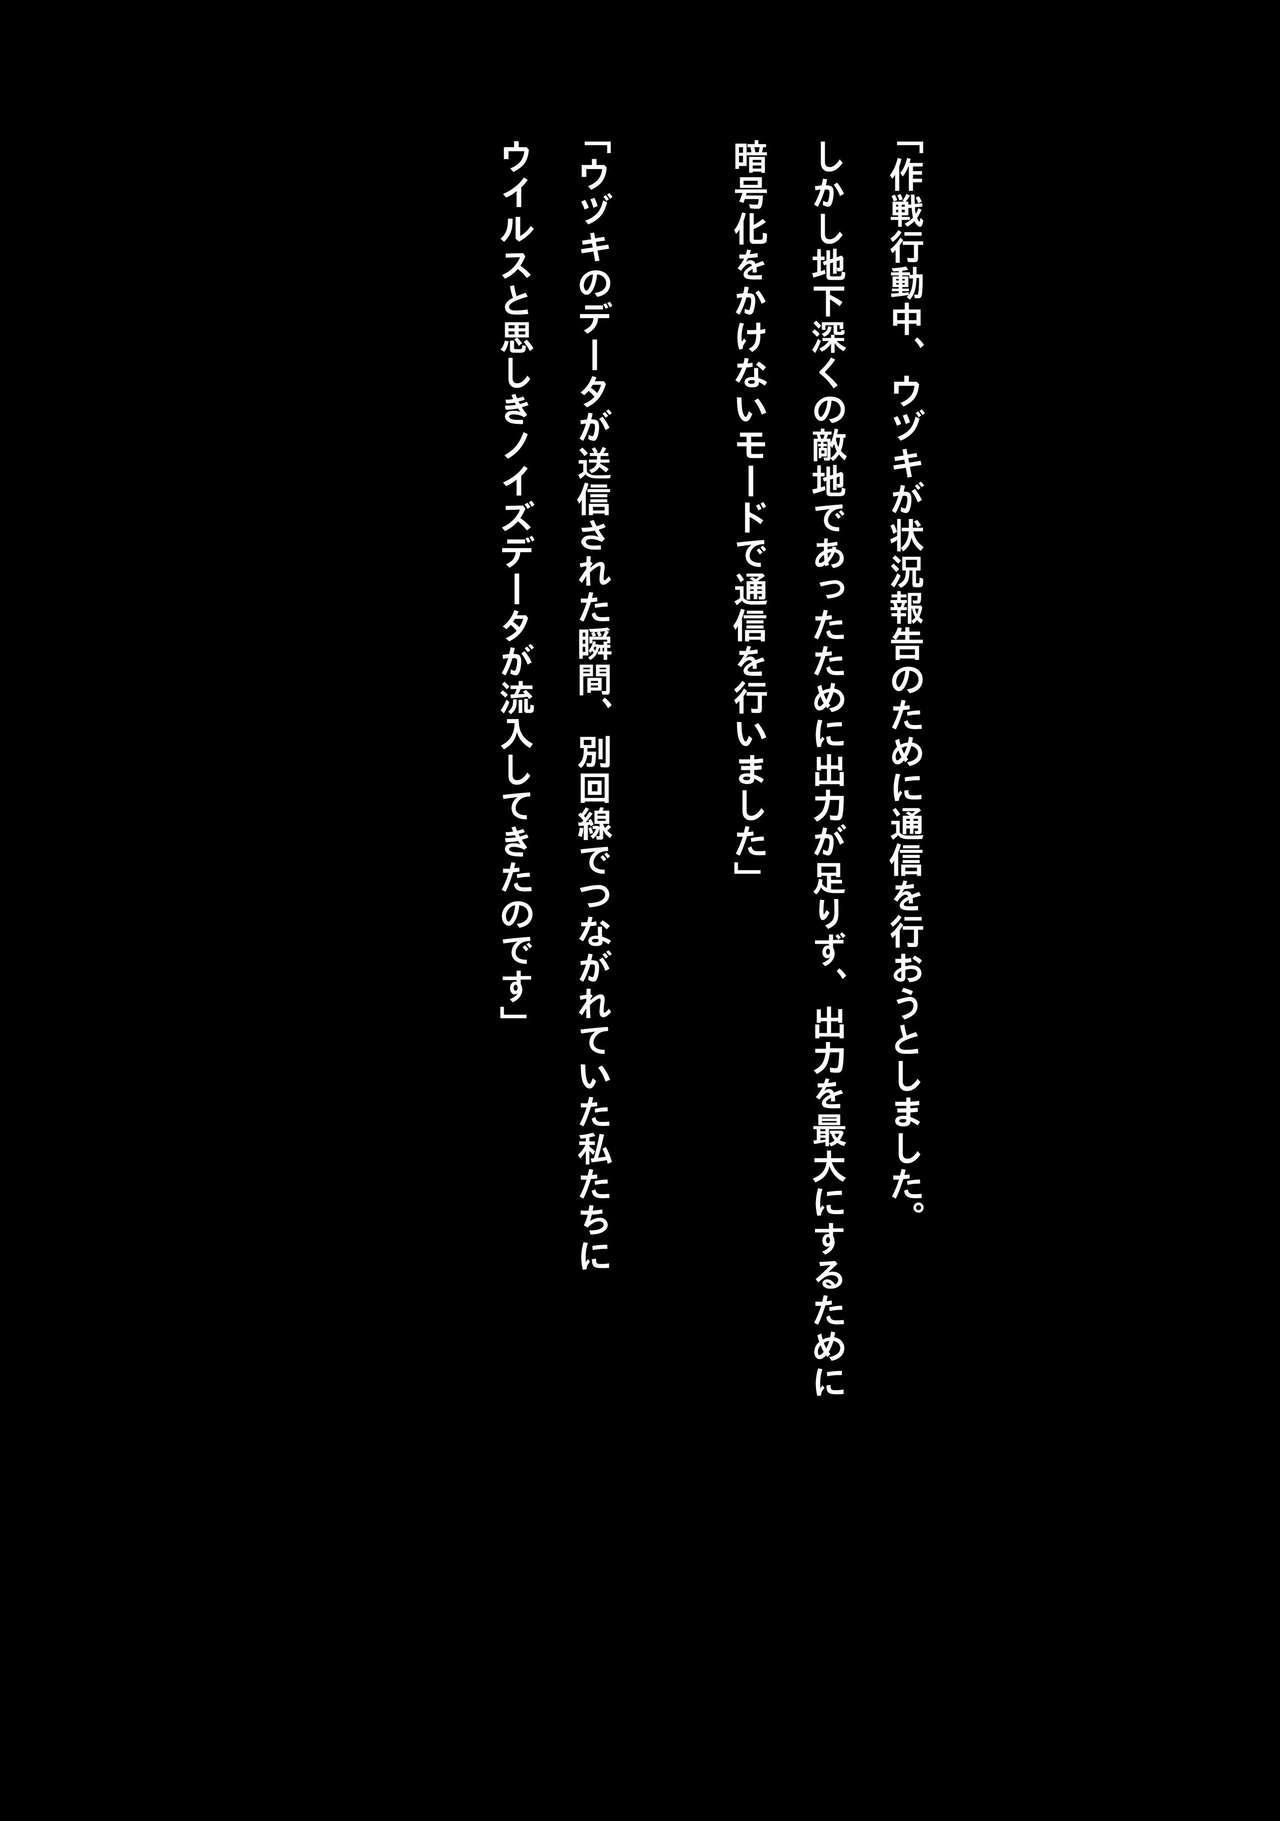 Idol Cyber Battle NEO GENERATOR episode 3 Seisan! Shi o kakugo shita shunkan 16